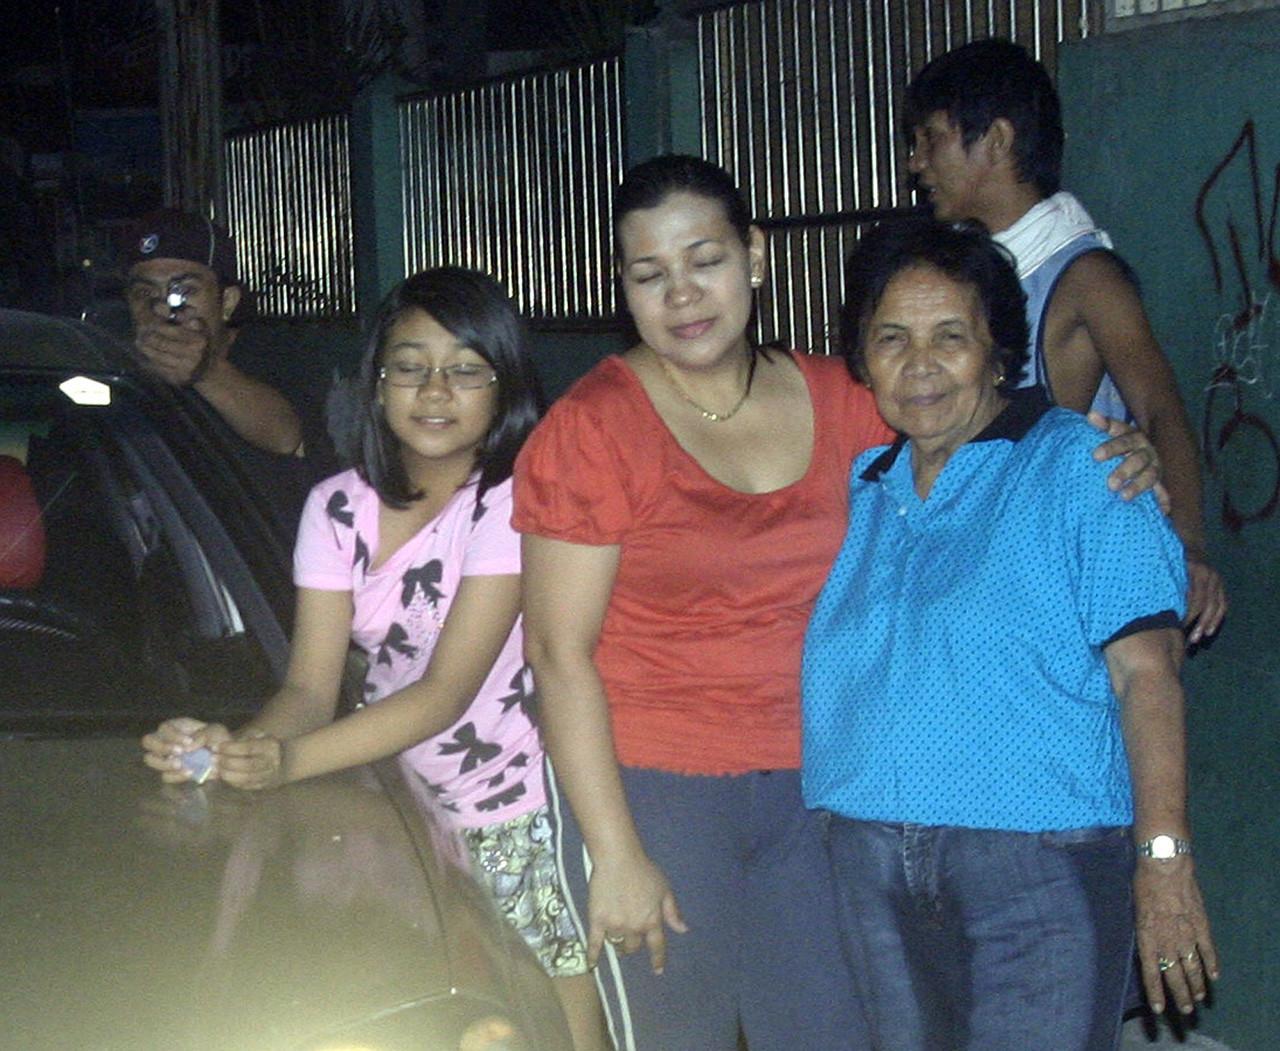 Durante la celebración de Año Nuevo en 2011, el político filipino Reynaldo Dagsa fue asesinado instantes después de fotografiar a su familia. El hombre que le apunta es su ejecutor.